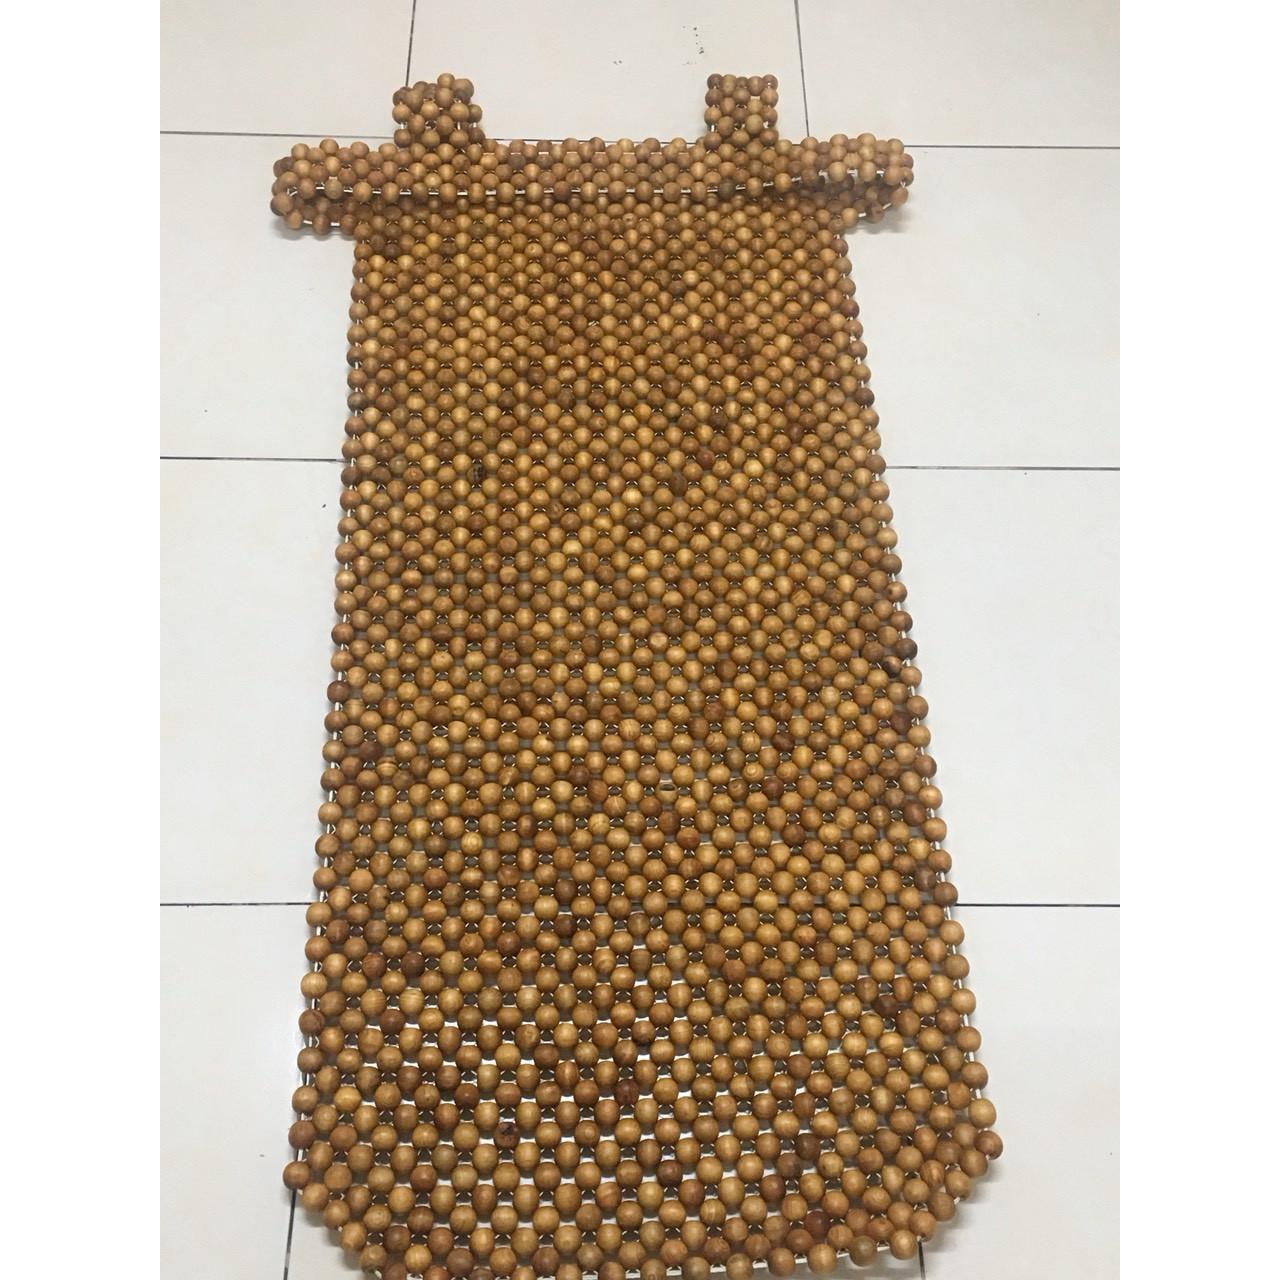 Lót ghế ô tô hạt gỗ Pơ Mu hạt 1,8cm - Loại 1